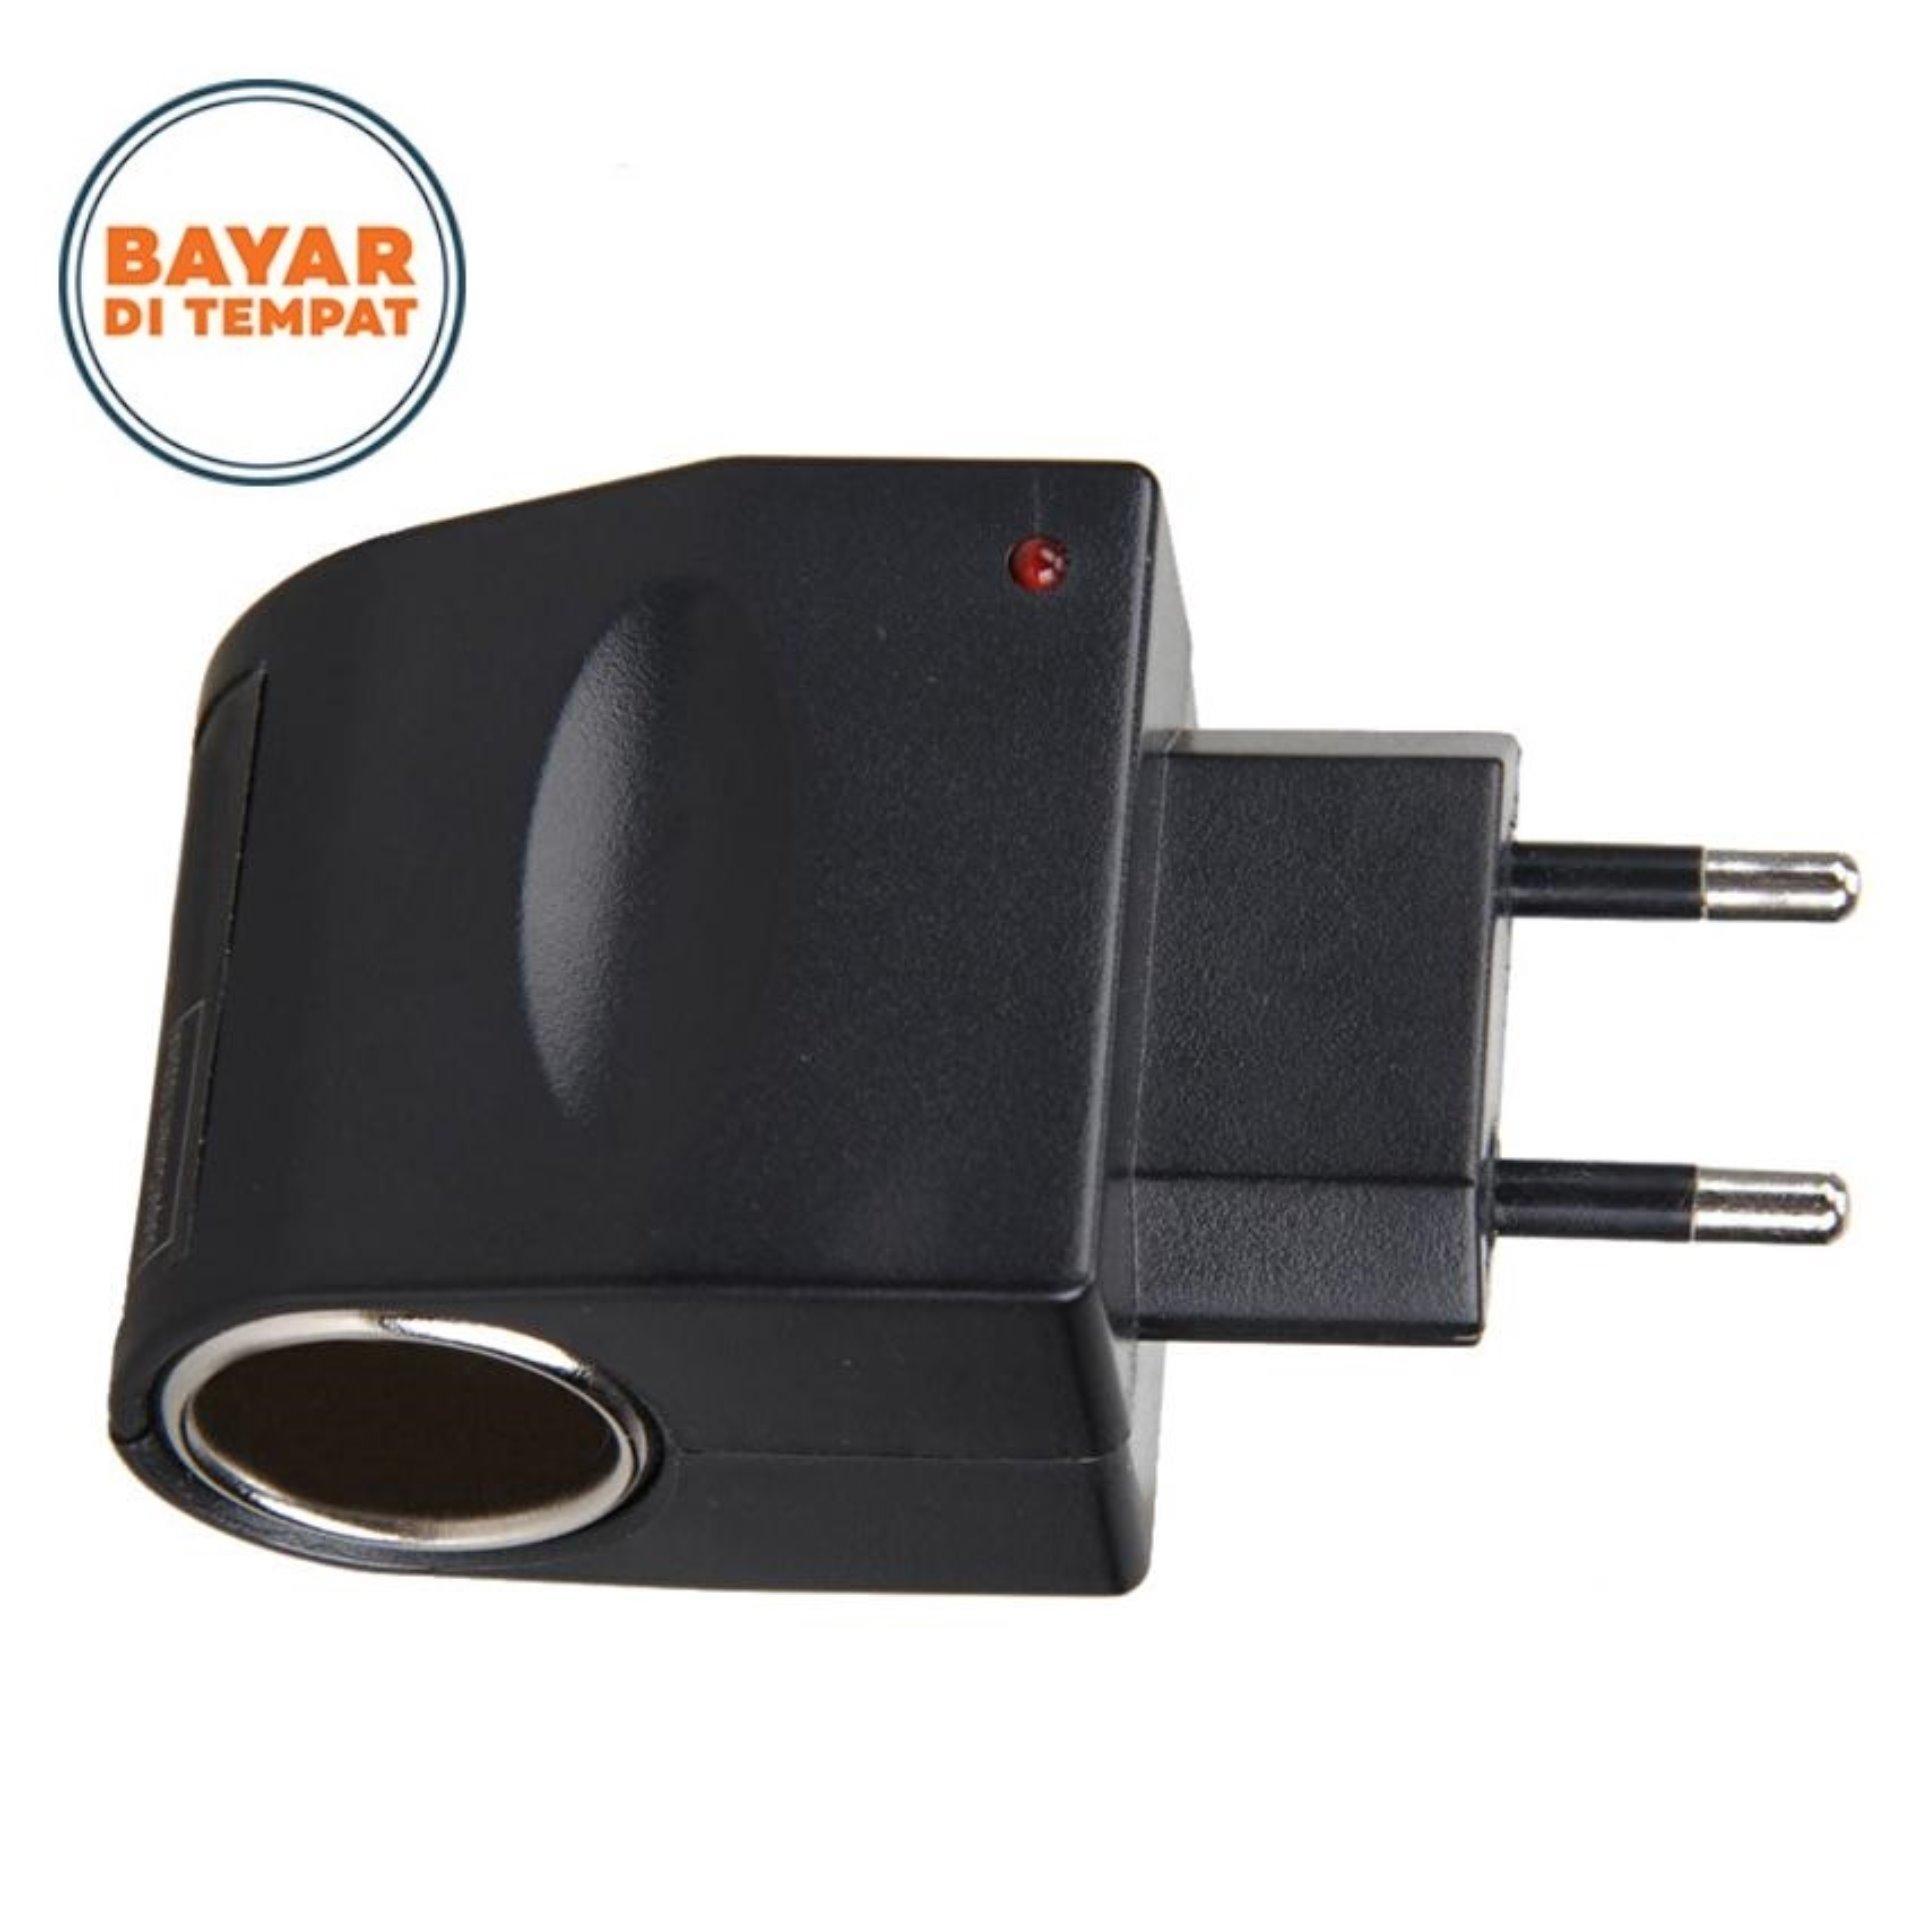 Power Adapter Car Lighter Socket 110V-220V AC 12V DC - Hitam